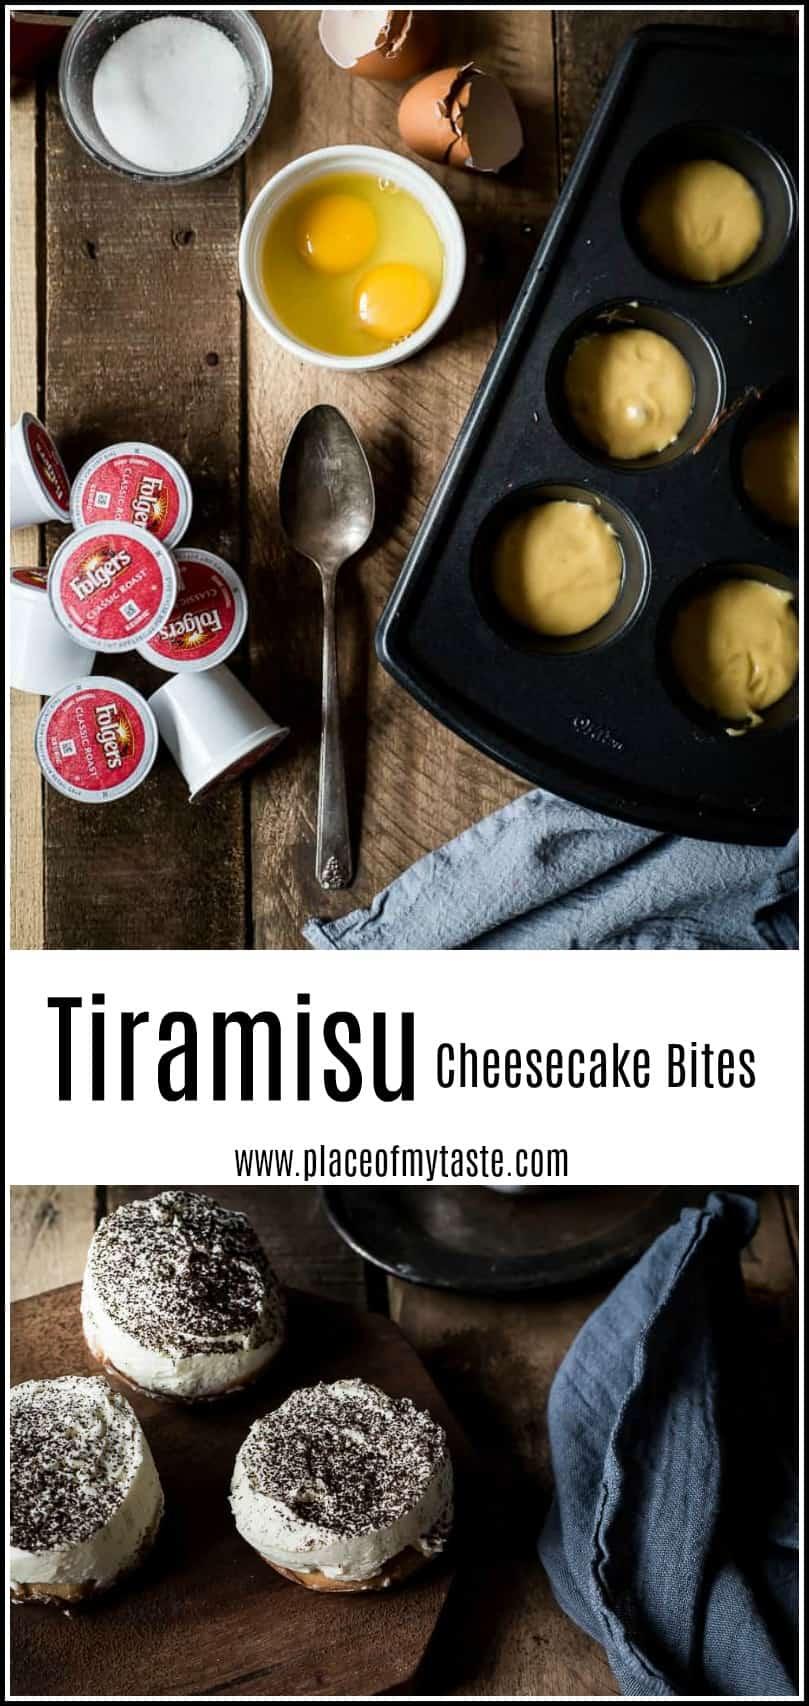 Tiramisu Cheesecake Bites #tiramisu #italiandessert #cheesecake #espressodessert